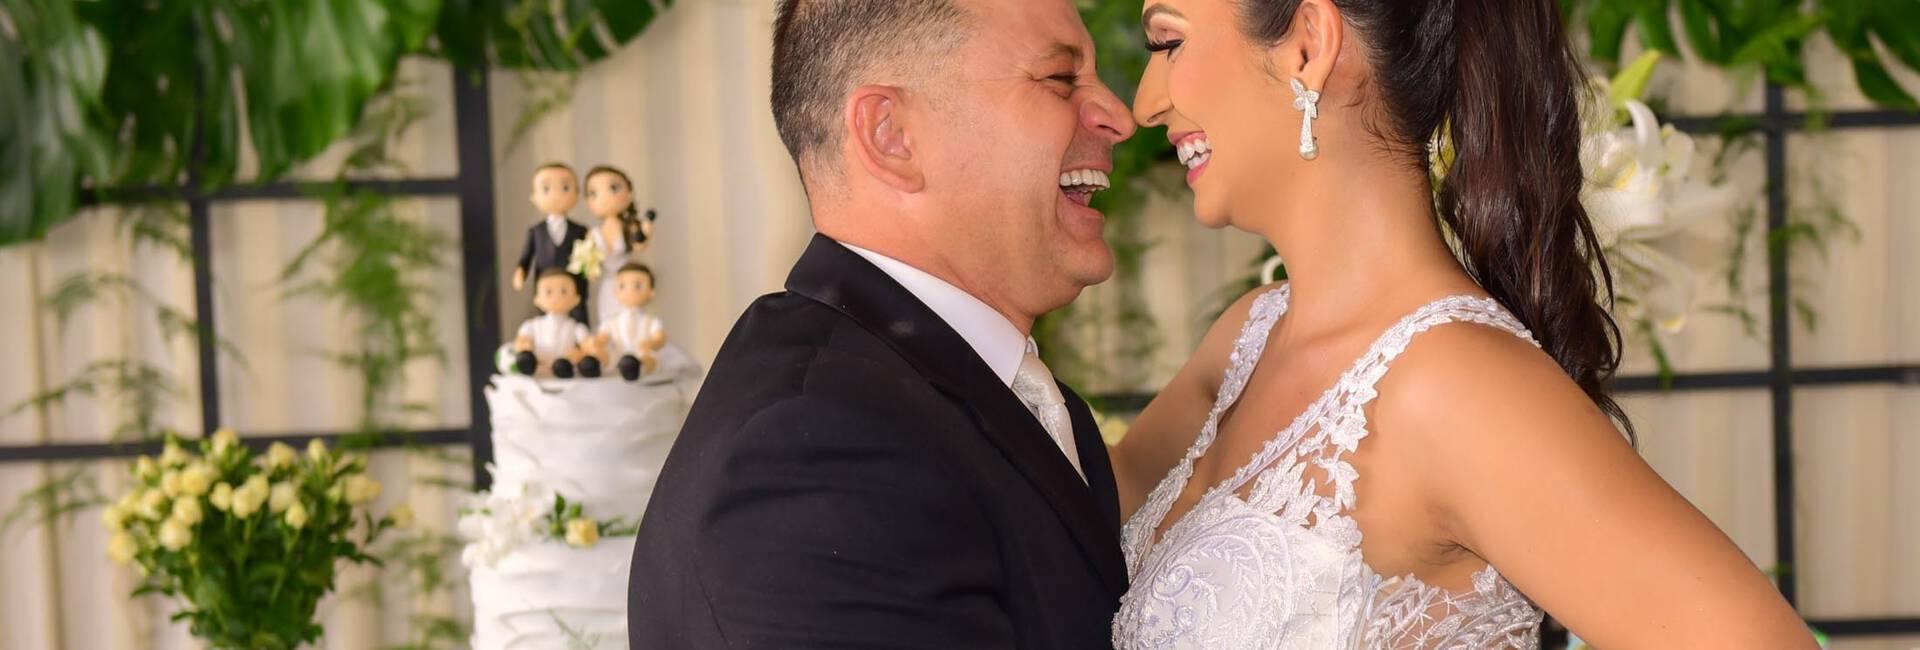 Jessica e Sidnei de casamento